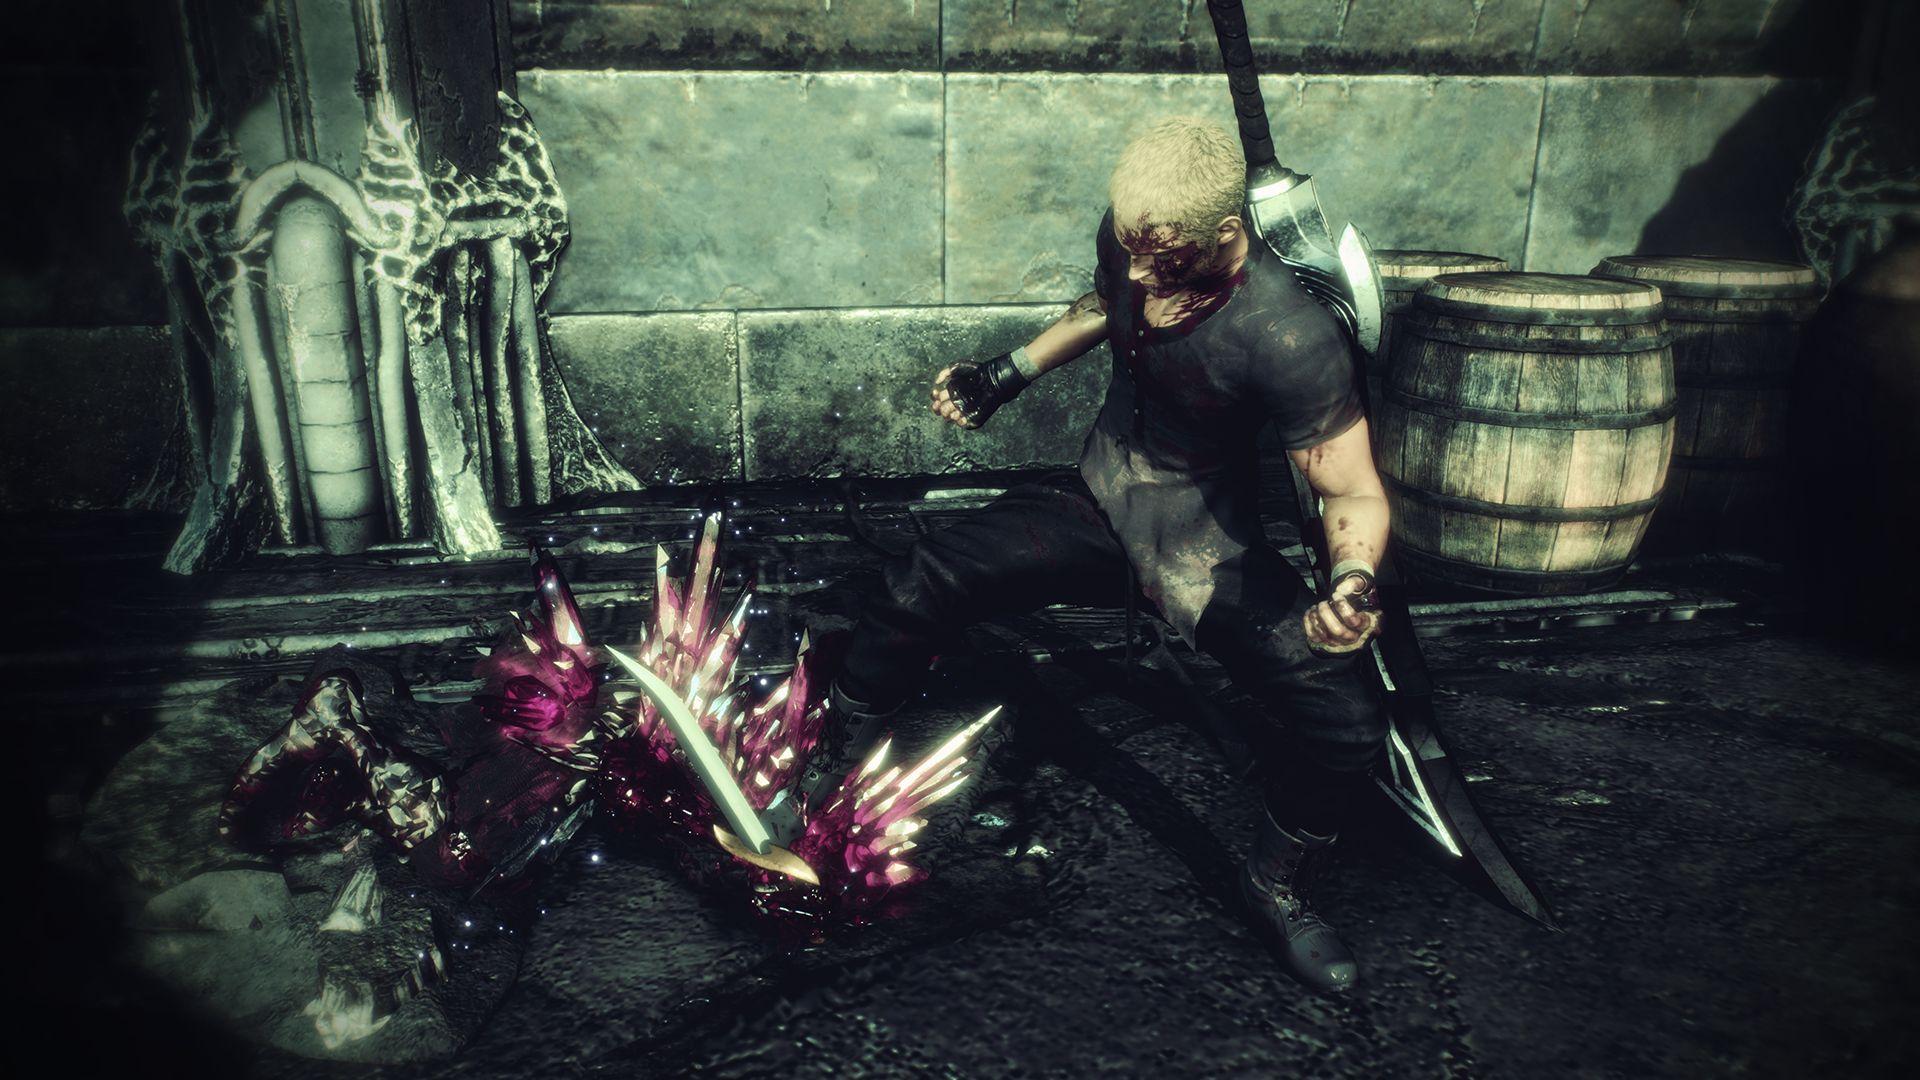 敵のブレイクゲージを削り切れば、「ソウルバースト」でとどめを刺すことが可能。敵は結晶化して砕け散り、ジャックのMPが少し回復する